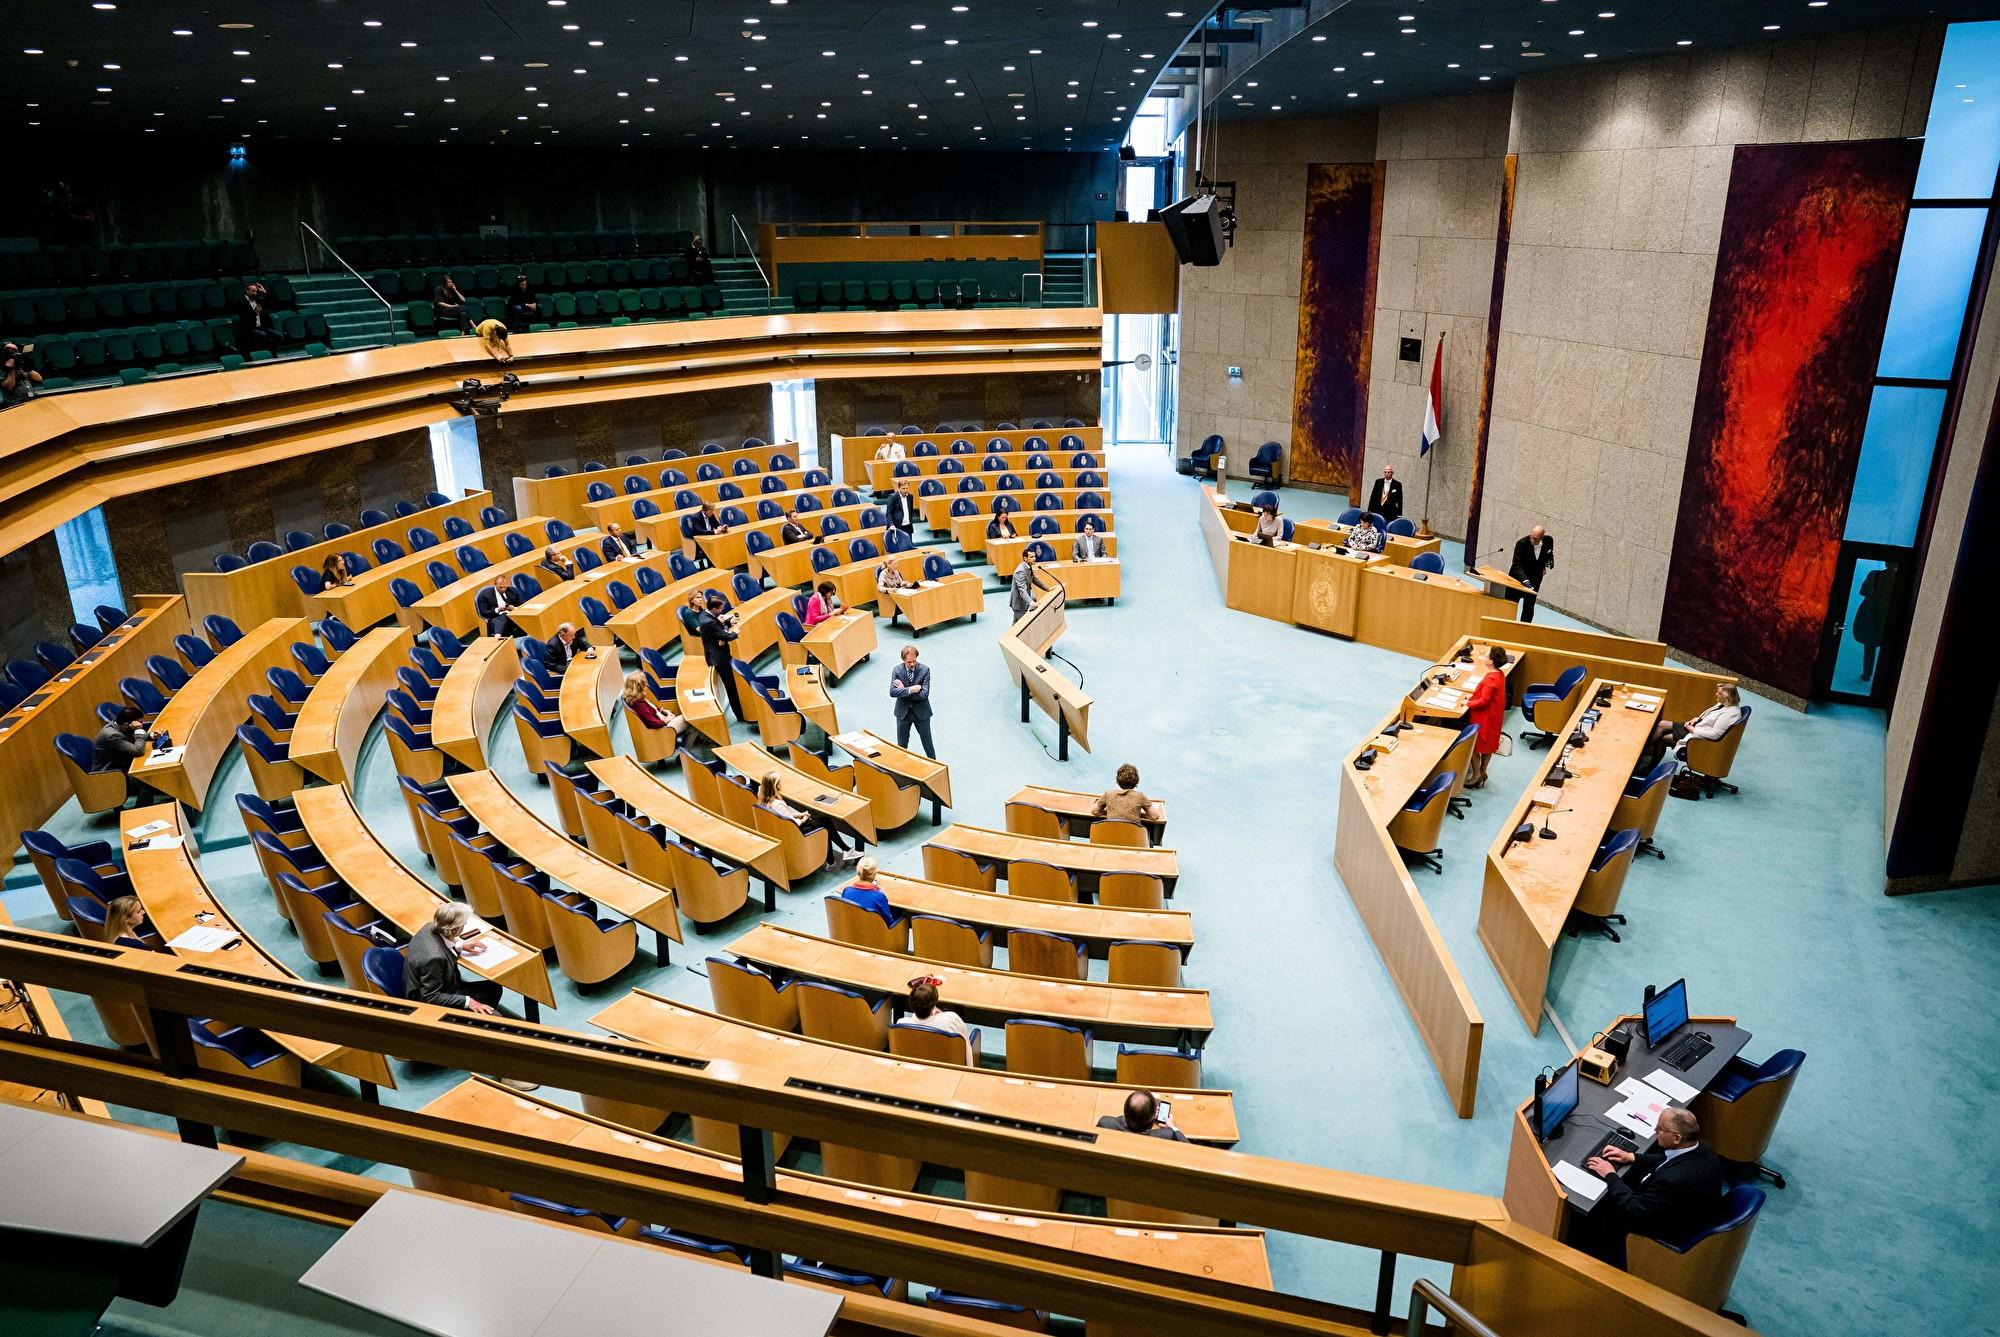 憂安全問題 荷議員籲限中國留學生報讀學科